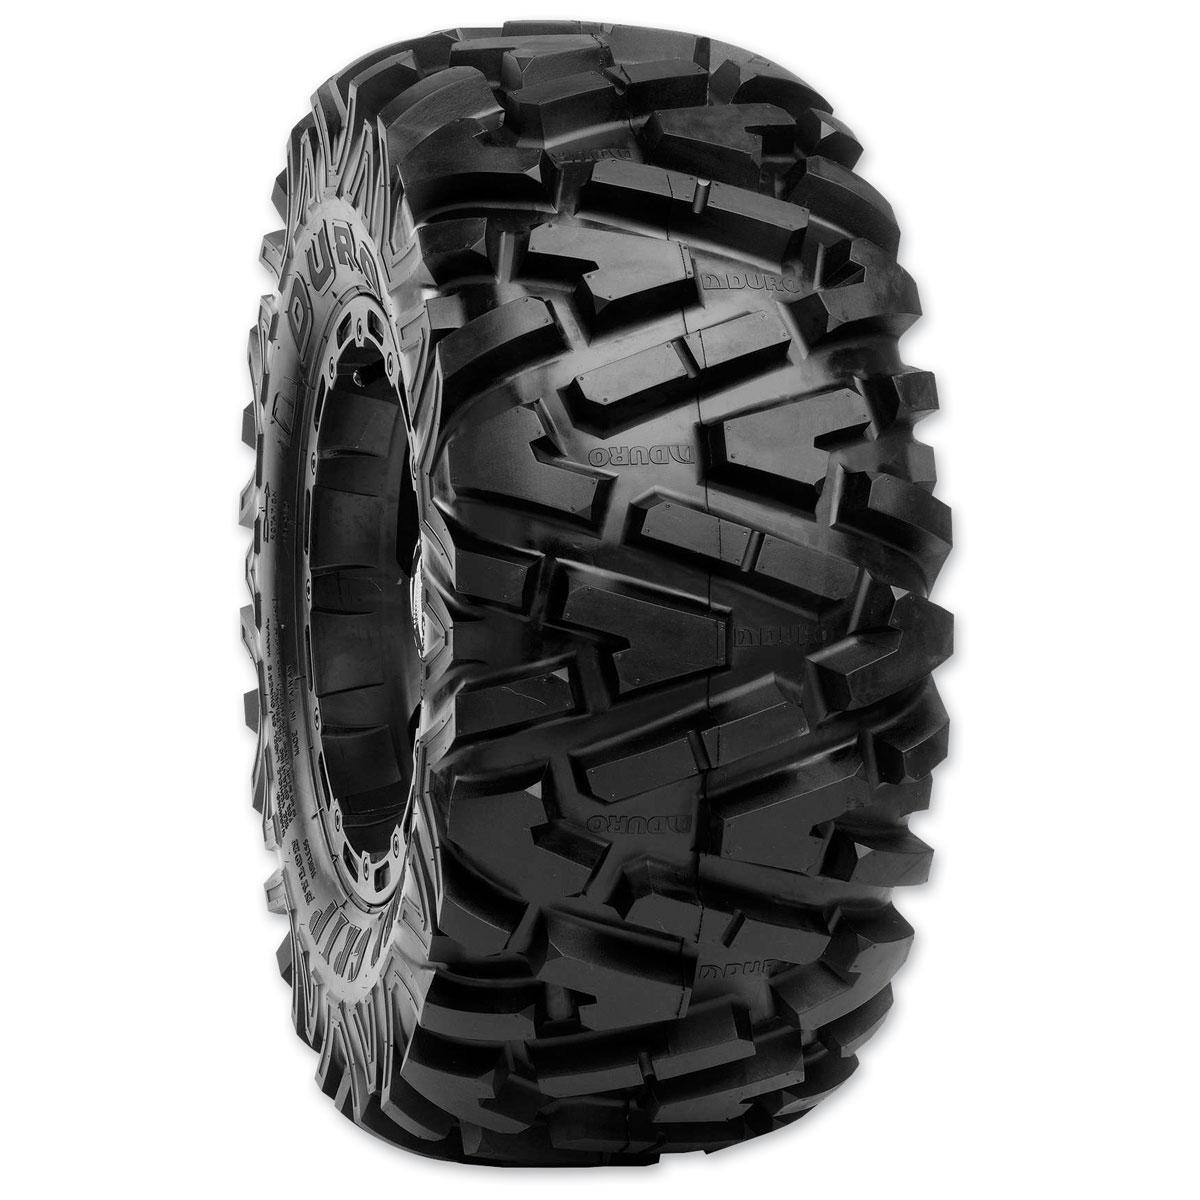 Duro DI2025 26X11R12 Front/Rear Tire